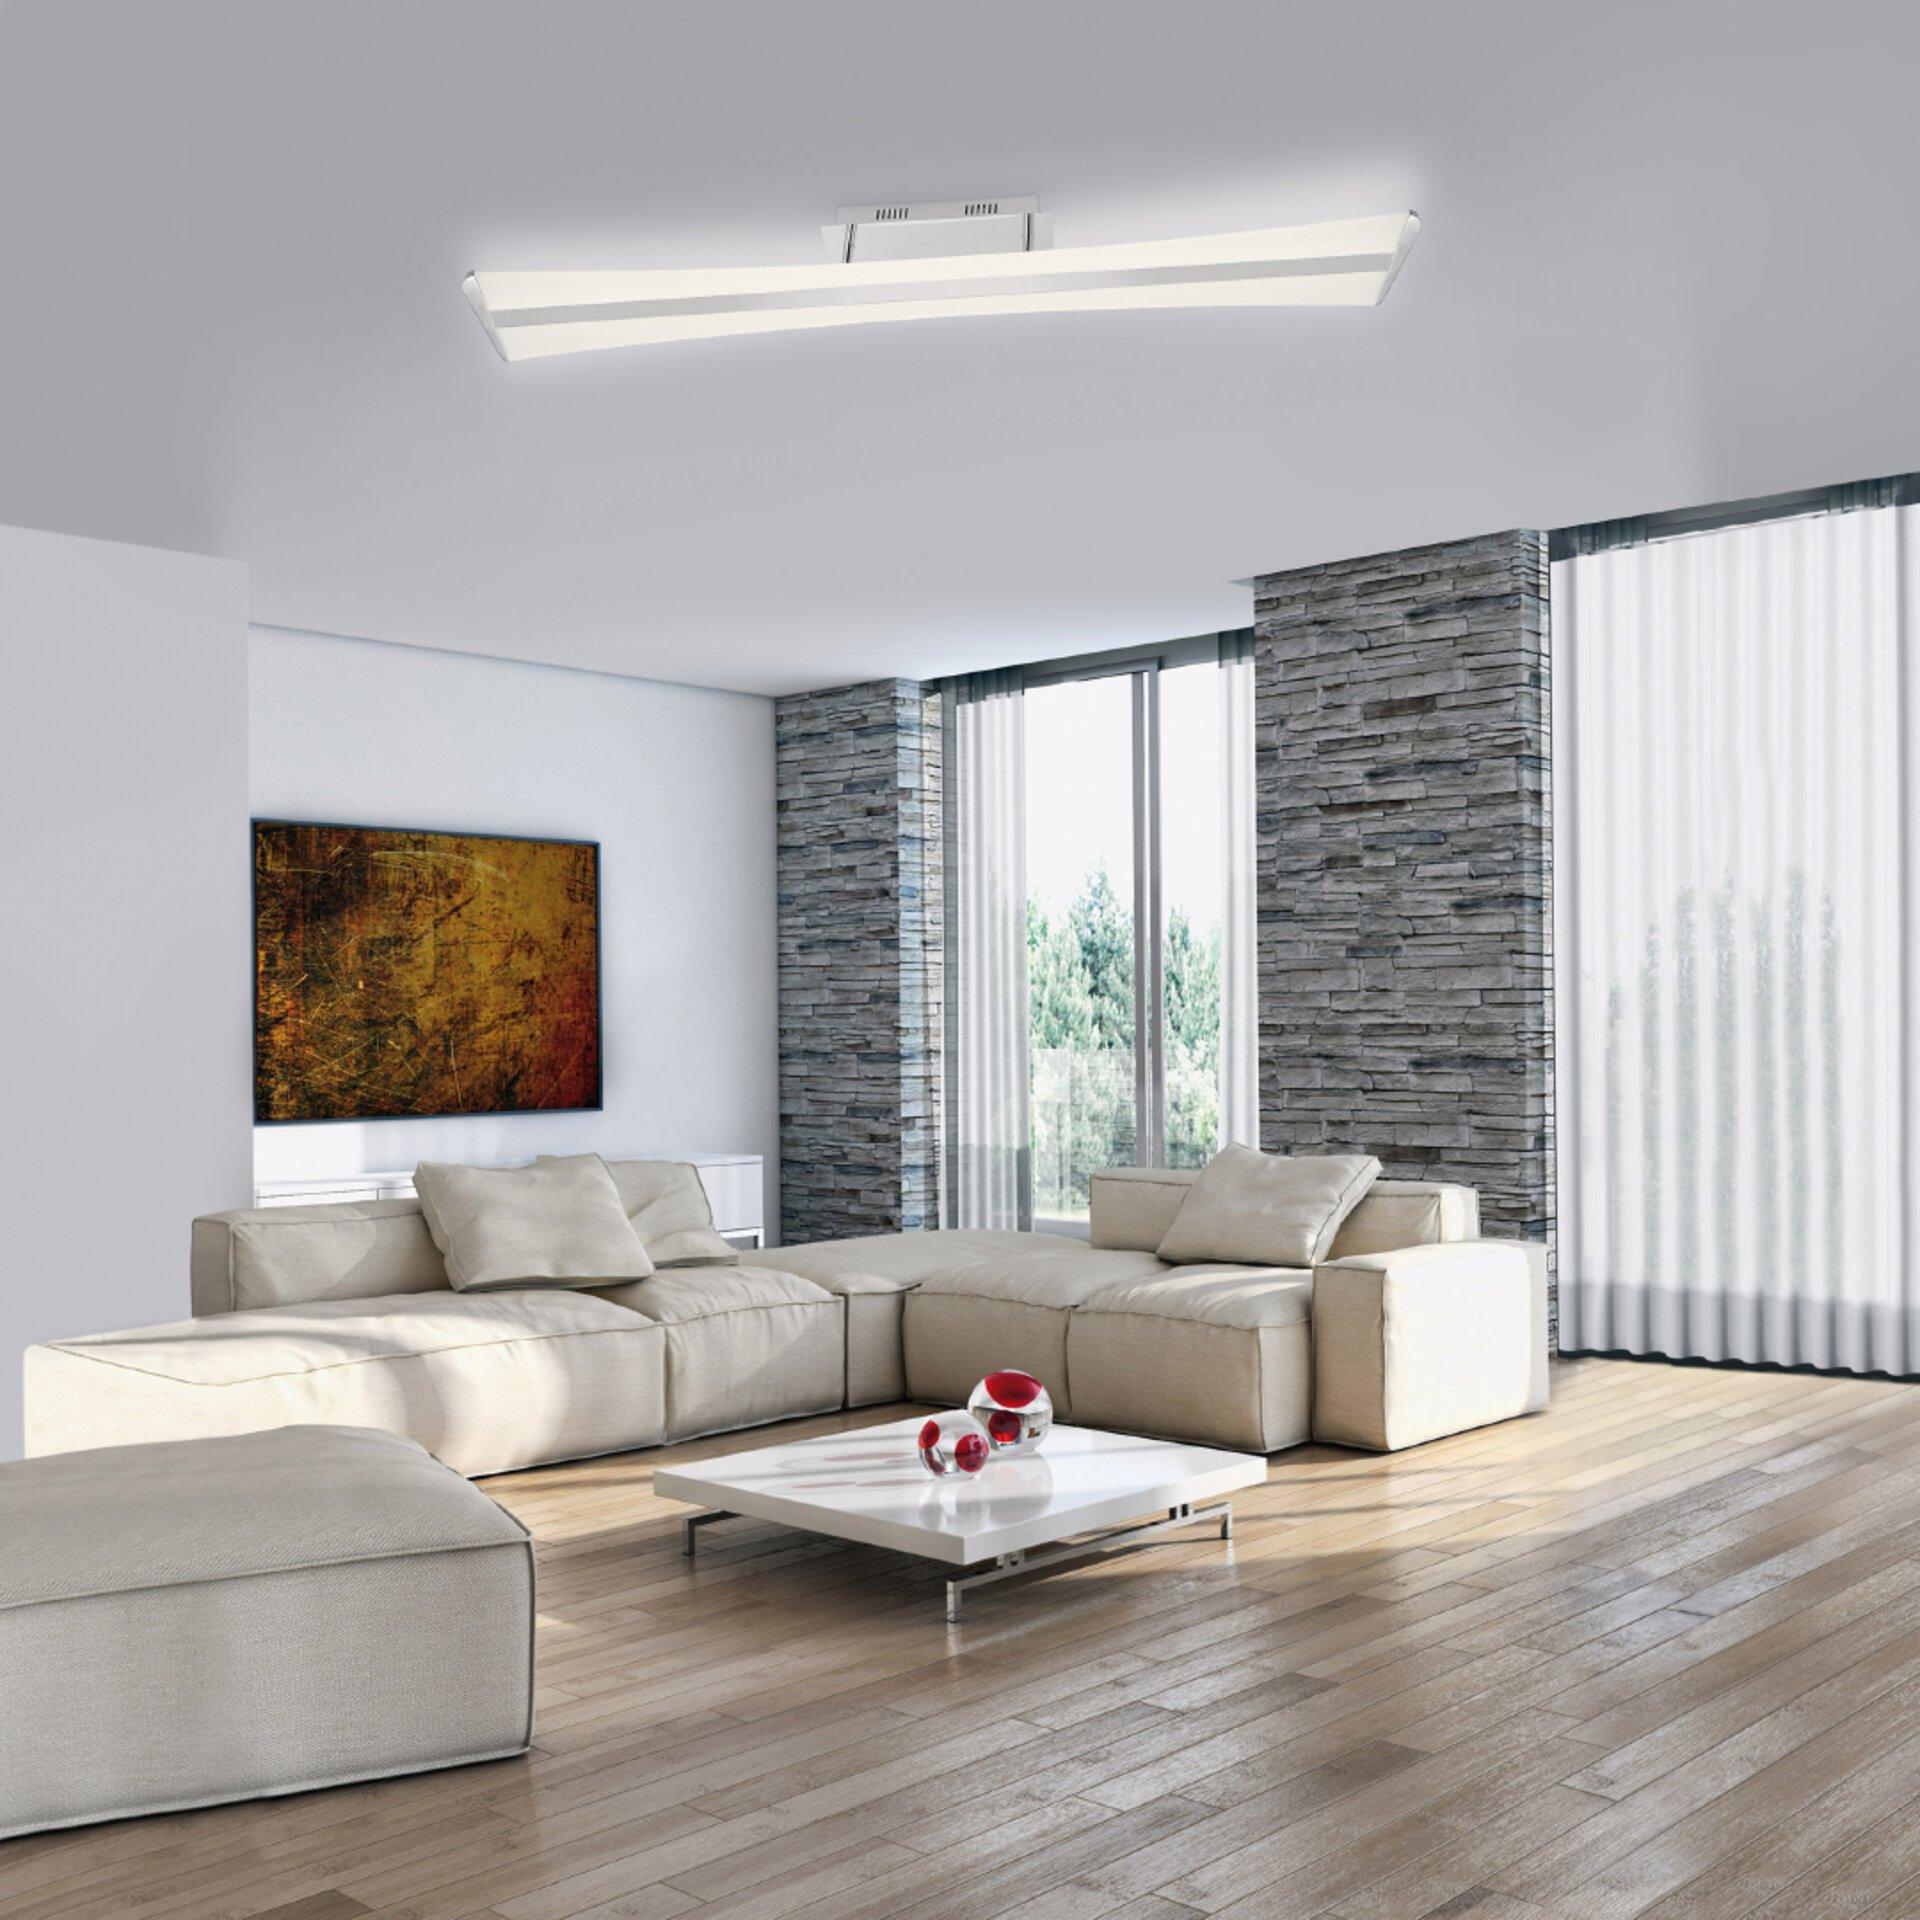 LED-Deckenleuchte von Paul Neuhaus